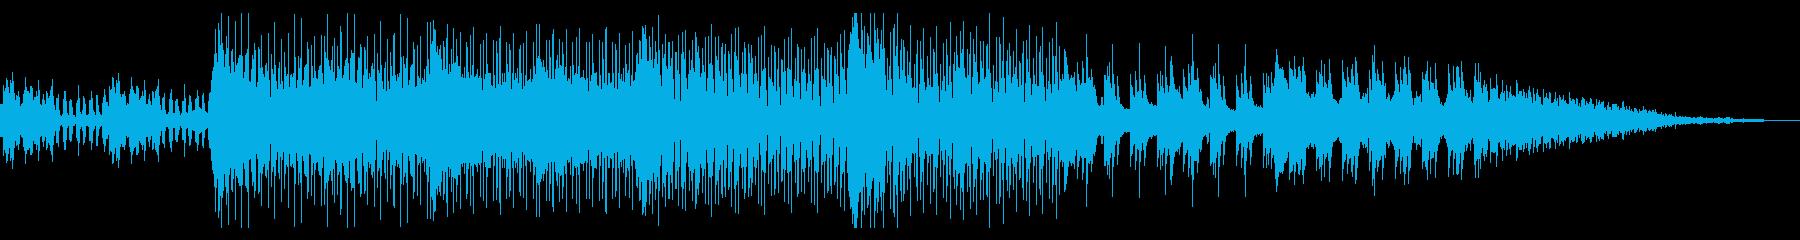 実験的なミニマルテクノの再生済みの波形